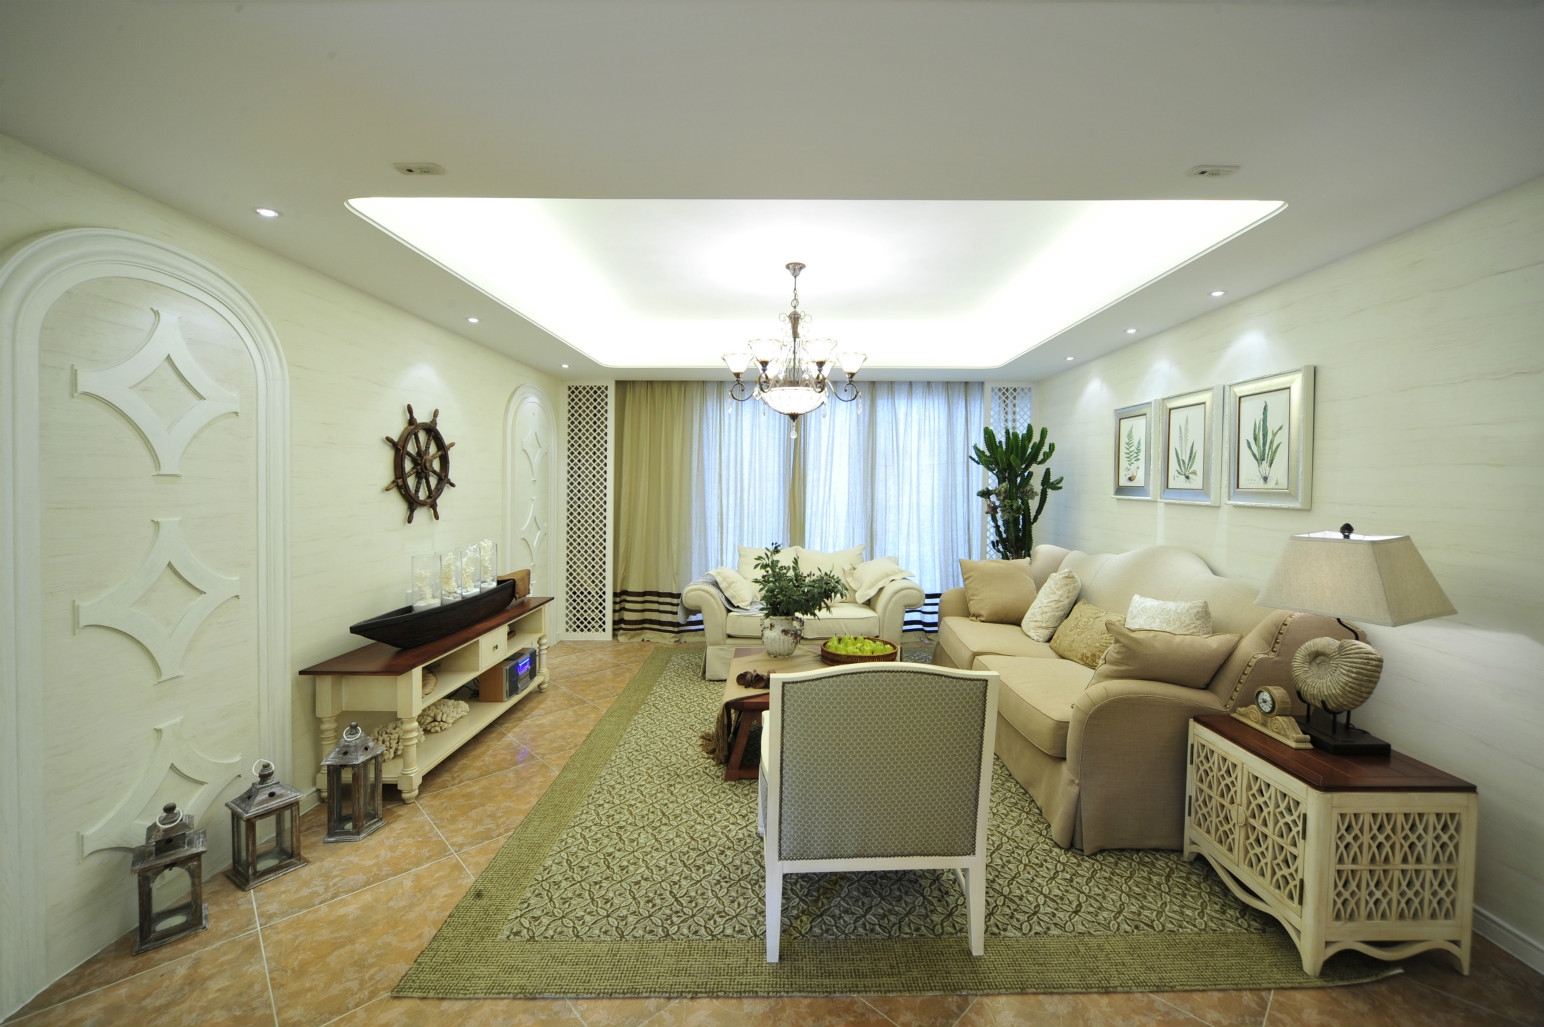 客厅的顶面则是在白色乳胶漆刷至而成的基础上搭配上黑色铁艺的做旧式的吊灯设计,很是别致